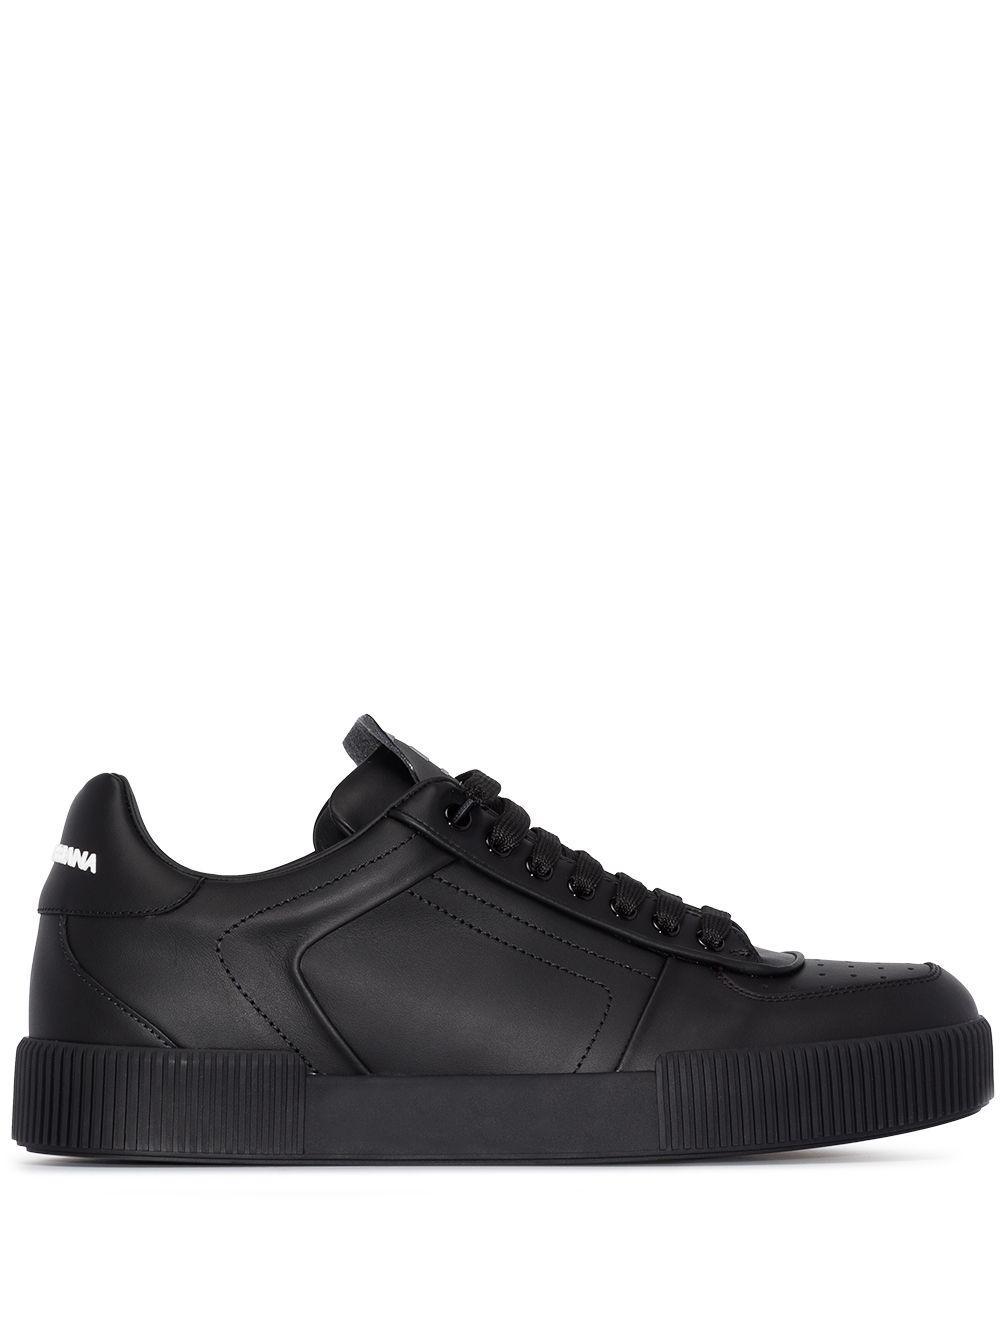 Zapatillas Miami Dolce & Gabbana de Cuero de color Negro para hombre